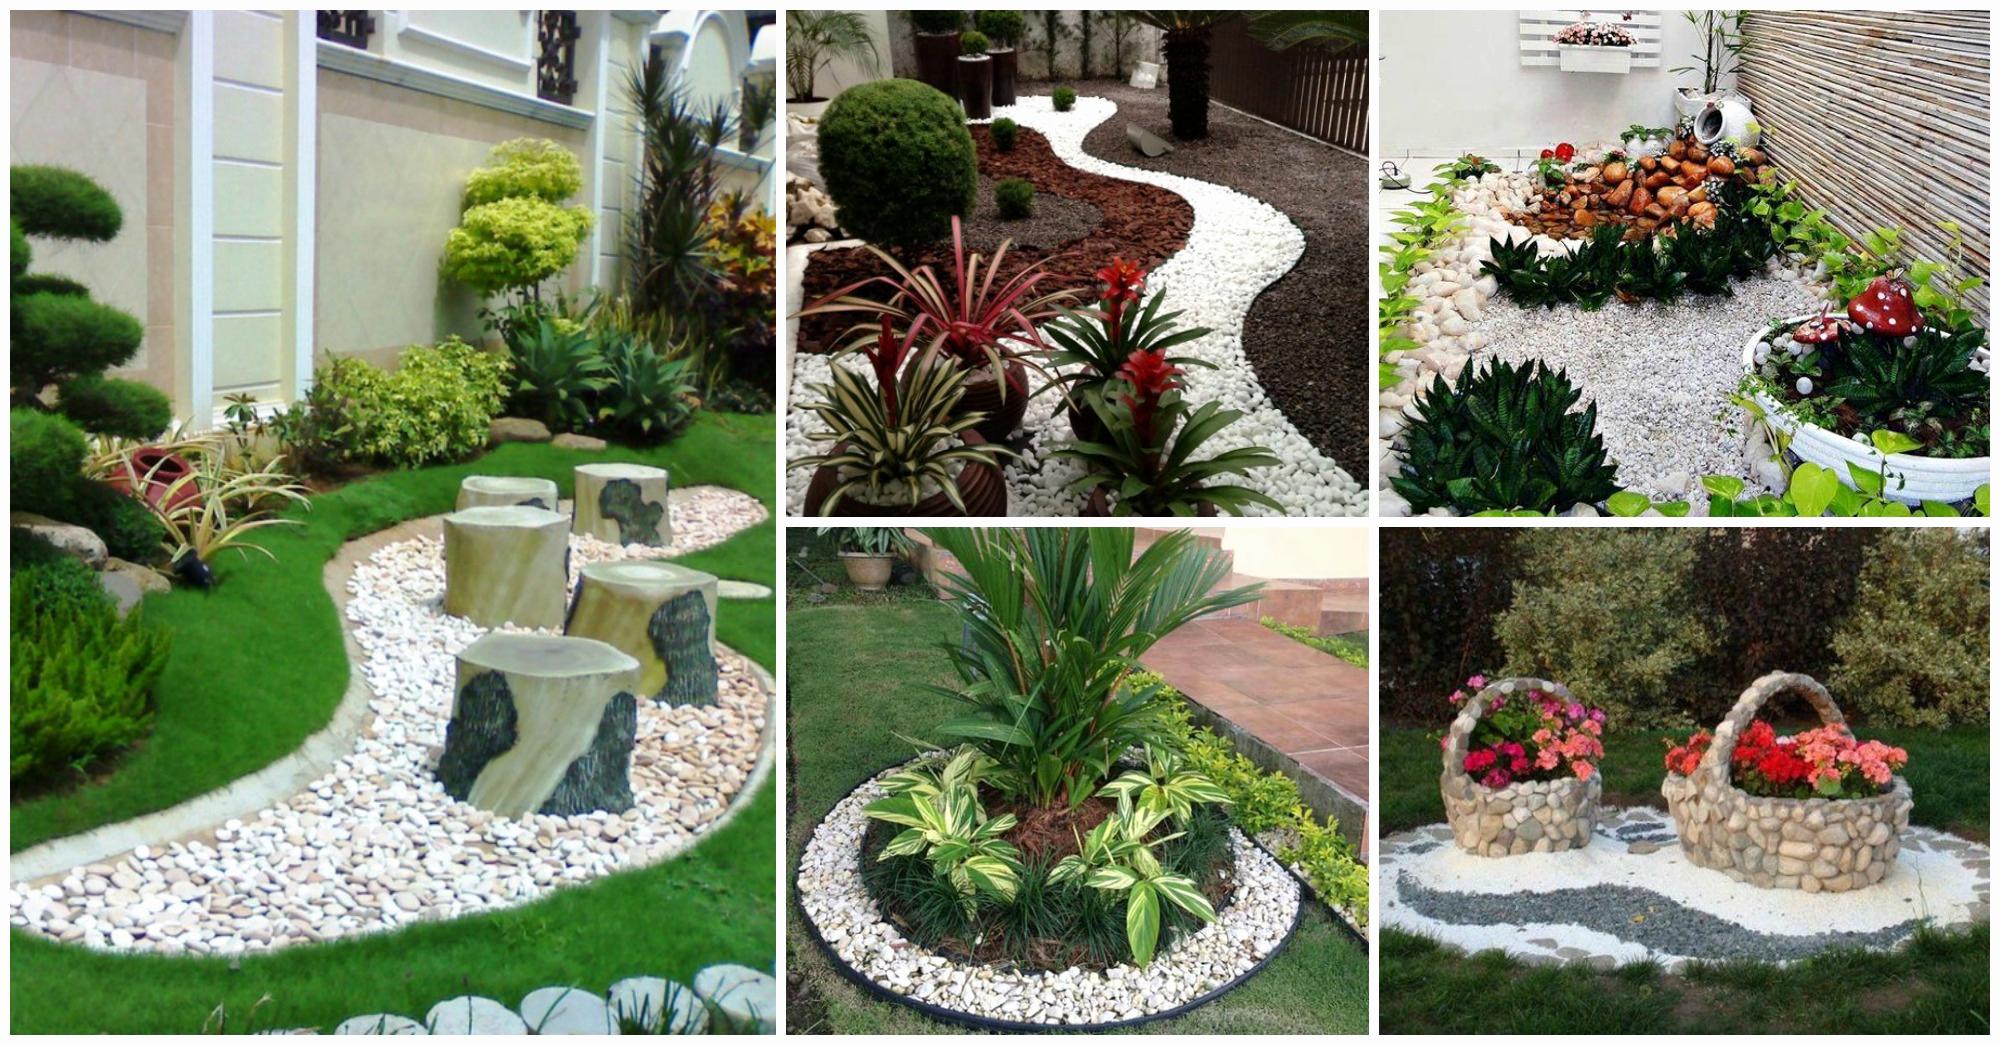 Decoration Exterieur Jardin Moderne Beau Images Idee De Deco Jardin Exterieur Luxe Amenagement Exterieur Avec